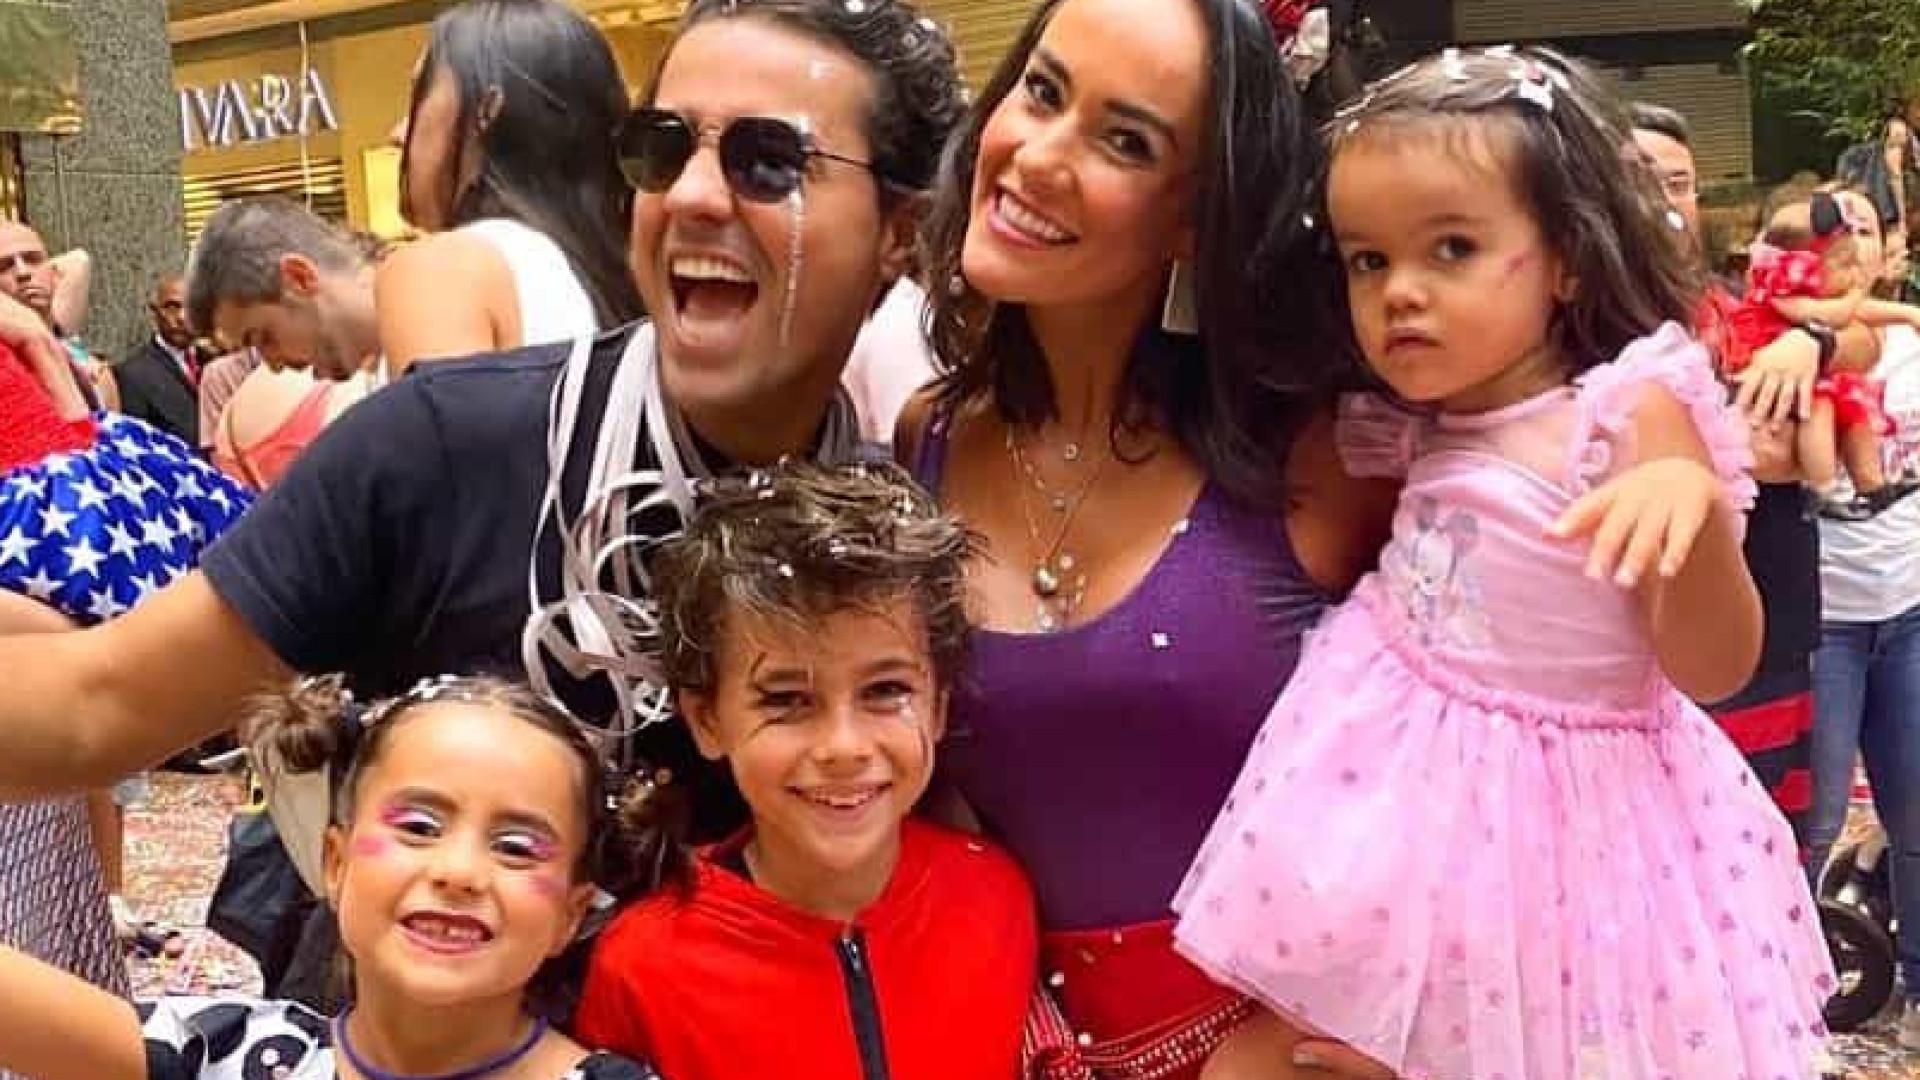 Família de Ricardo Pereira diverte-se no Carnaval do Brasil